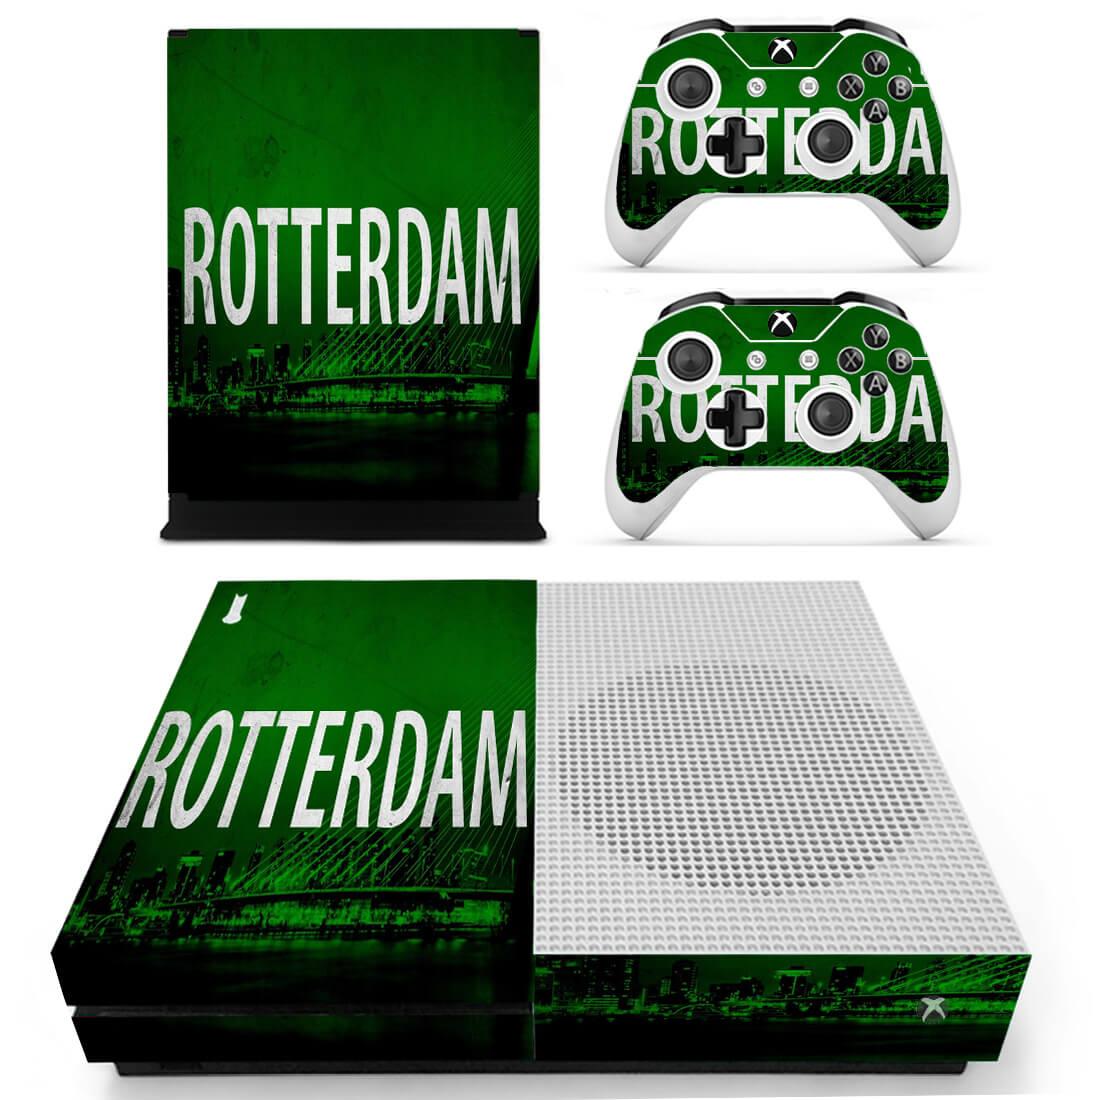 Rotterdam Xbox One S skin